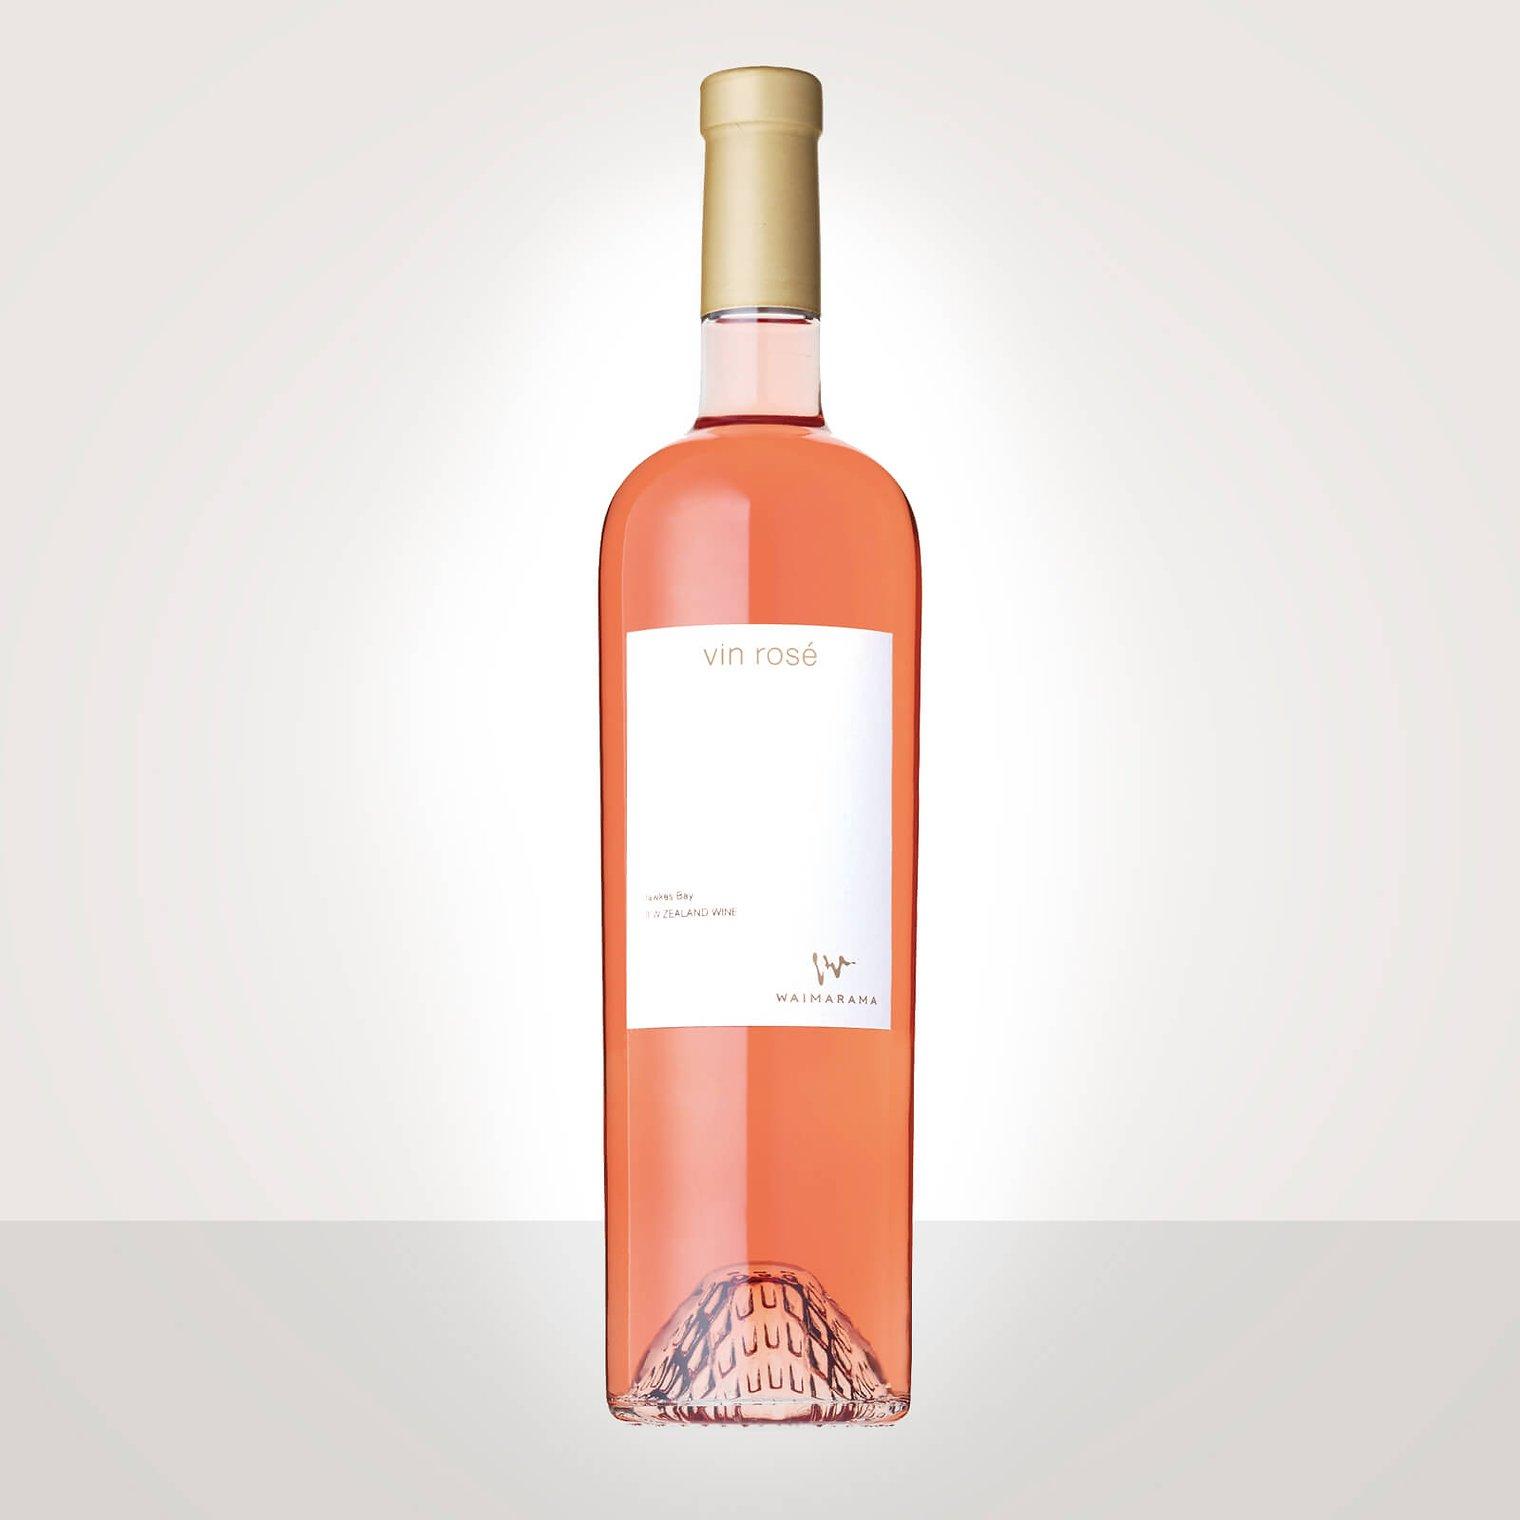 画像1: vin rose 2017 750ml (1)